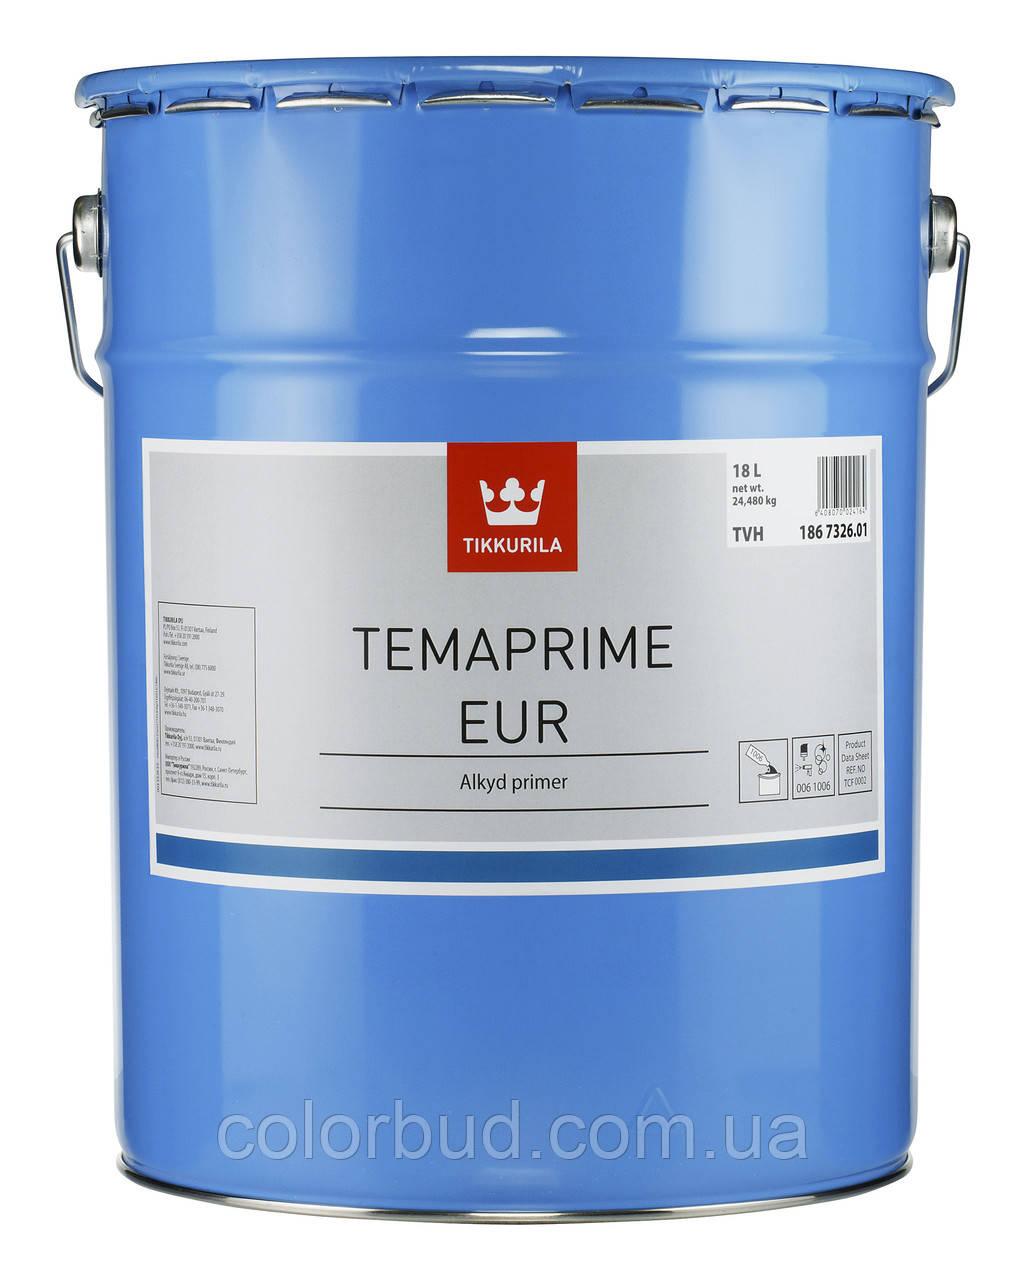 Противокоррозийная грунтовка для черных металлов полуматовая Temaprime EUR TCH 18л. - КолорБуд в Харькове